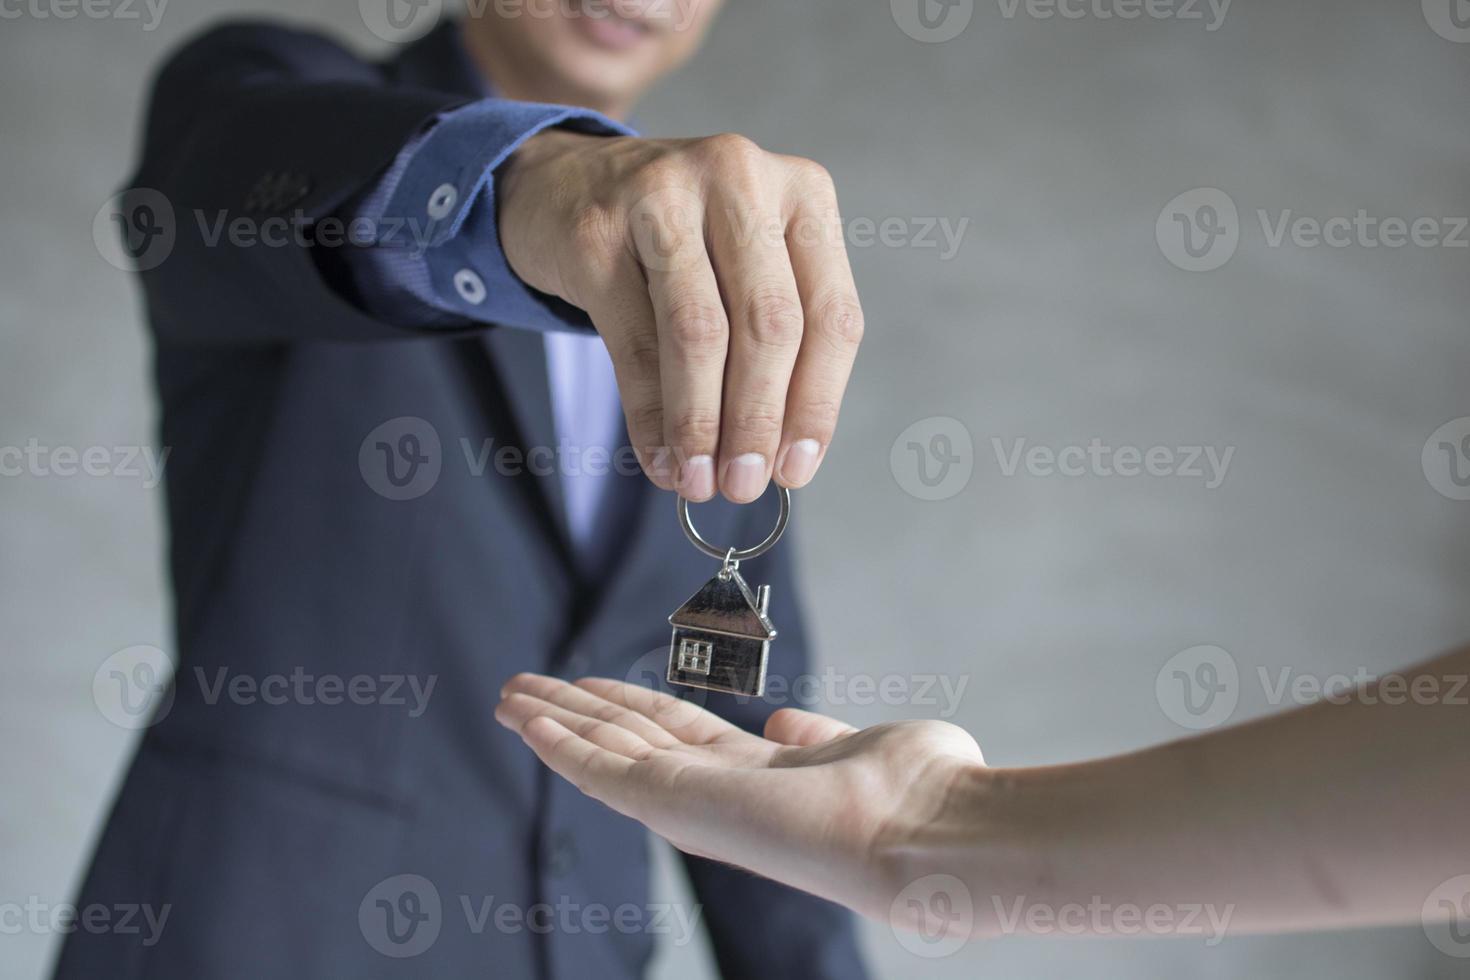 agente de la casa y bienes raíces toman la clave para los propietarios foto